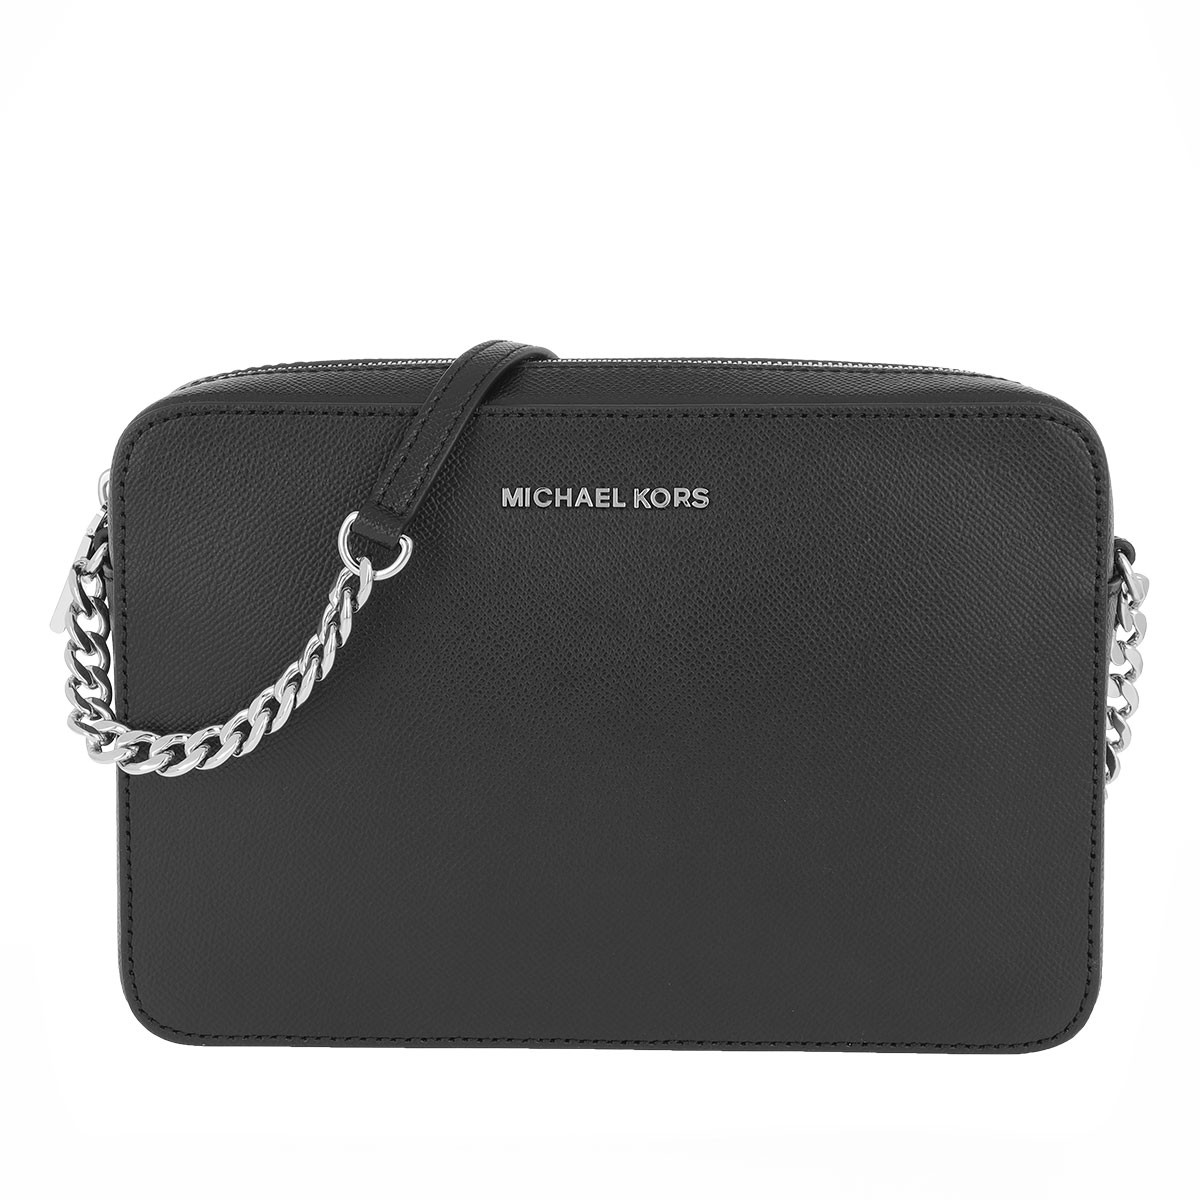 Michael Kors Umhängetasche - Large Ew Crossbody Bag Black - in schwarz - für Damen